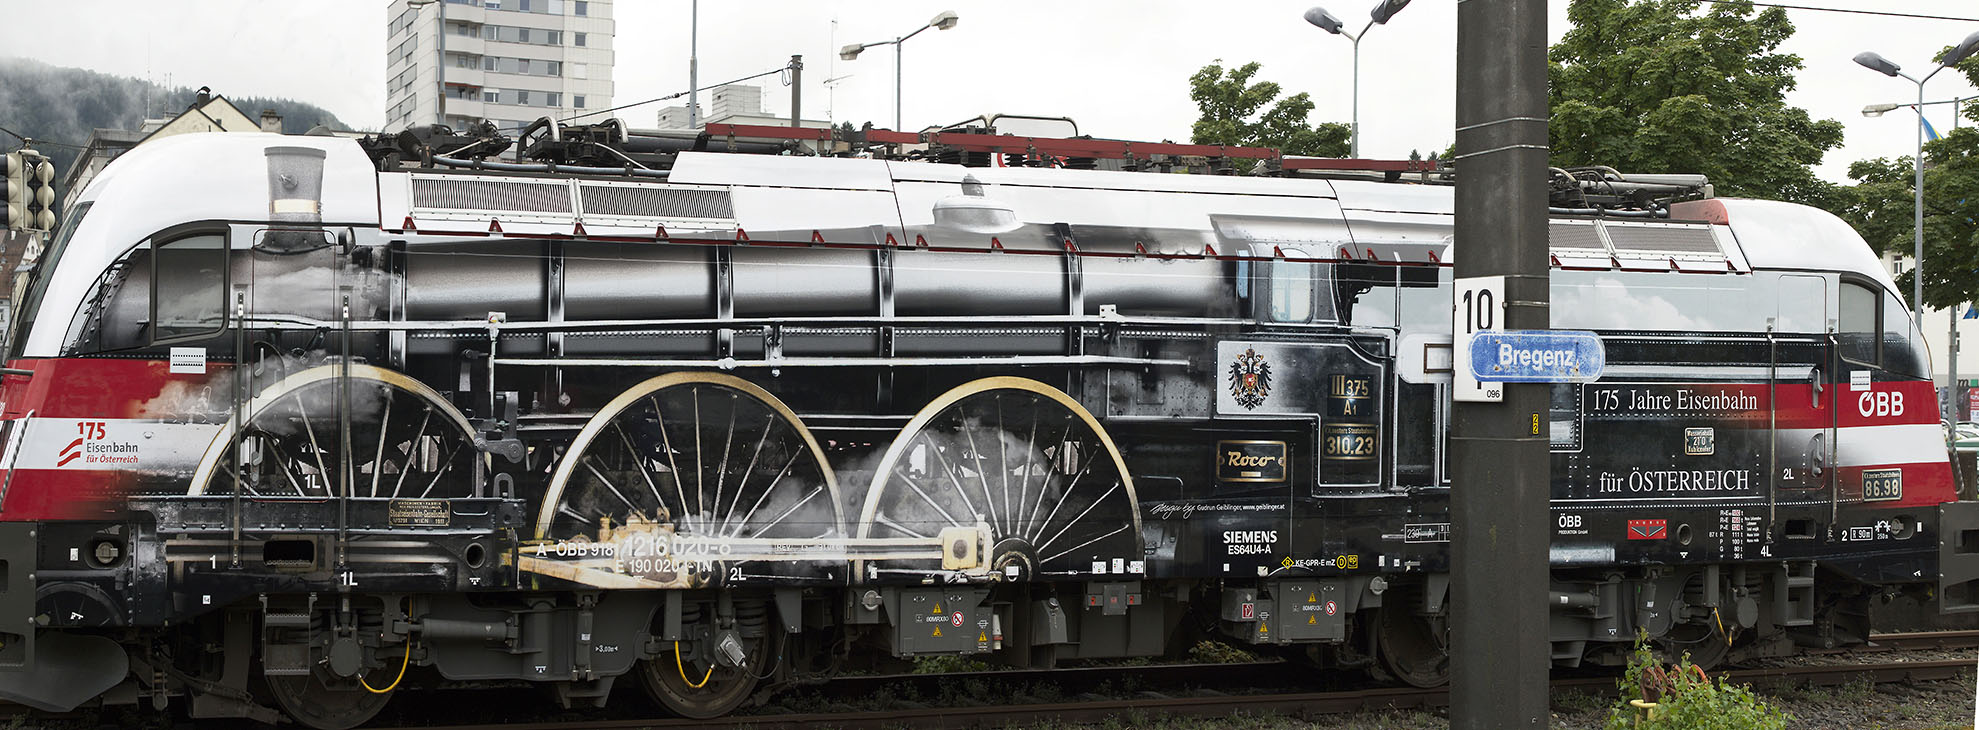 175 Jahre Eisenbahn Österreich